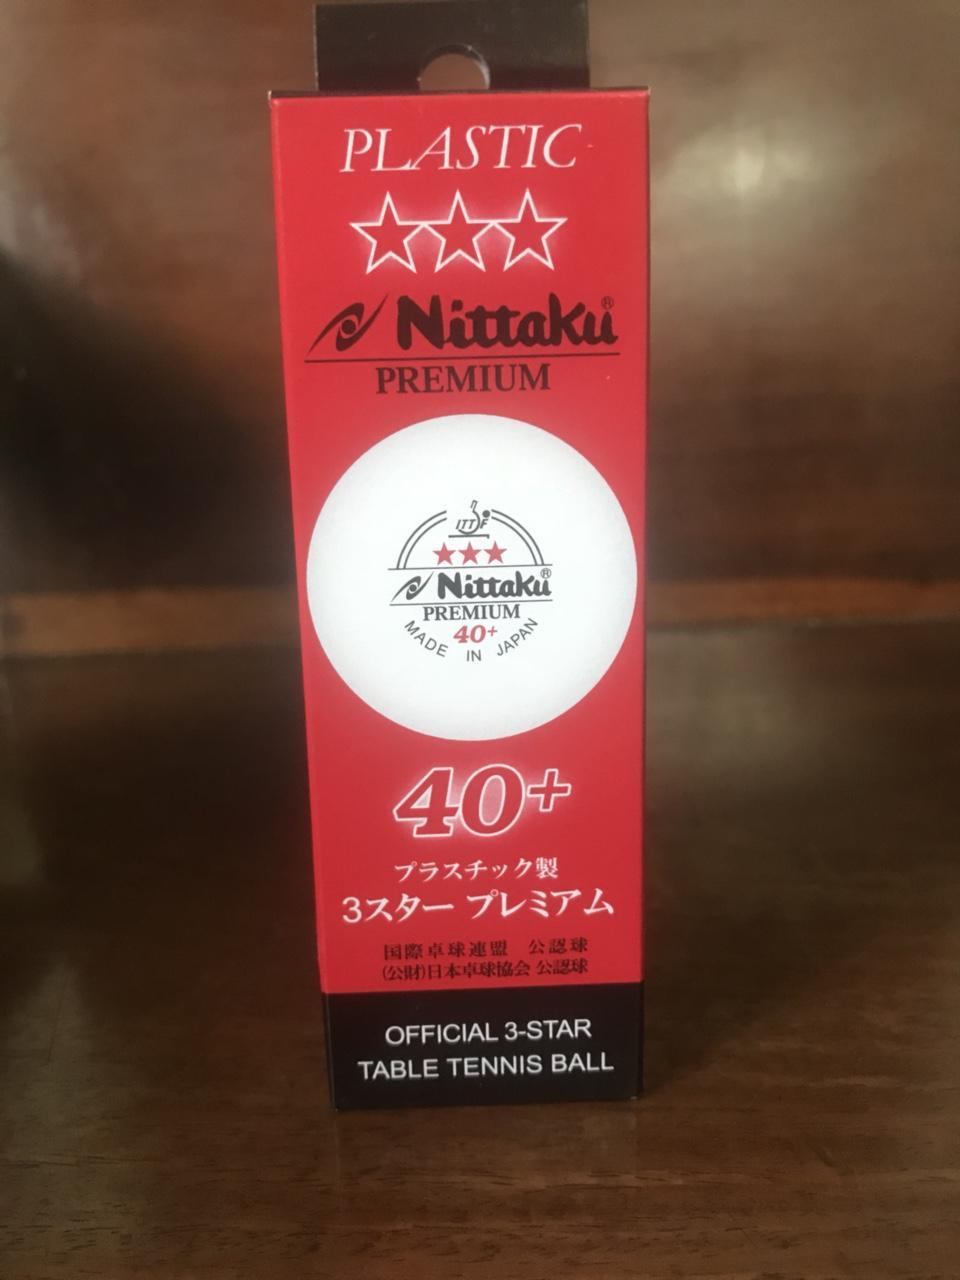 BÓNG NITTAKU PREMIUM 40+ Nhật Bản